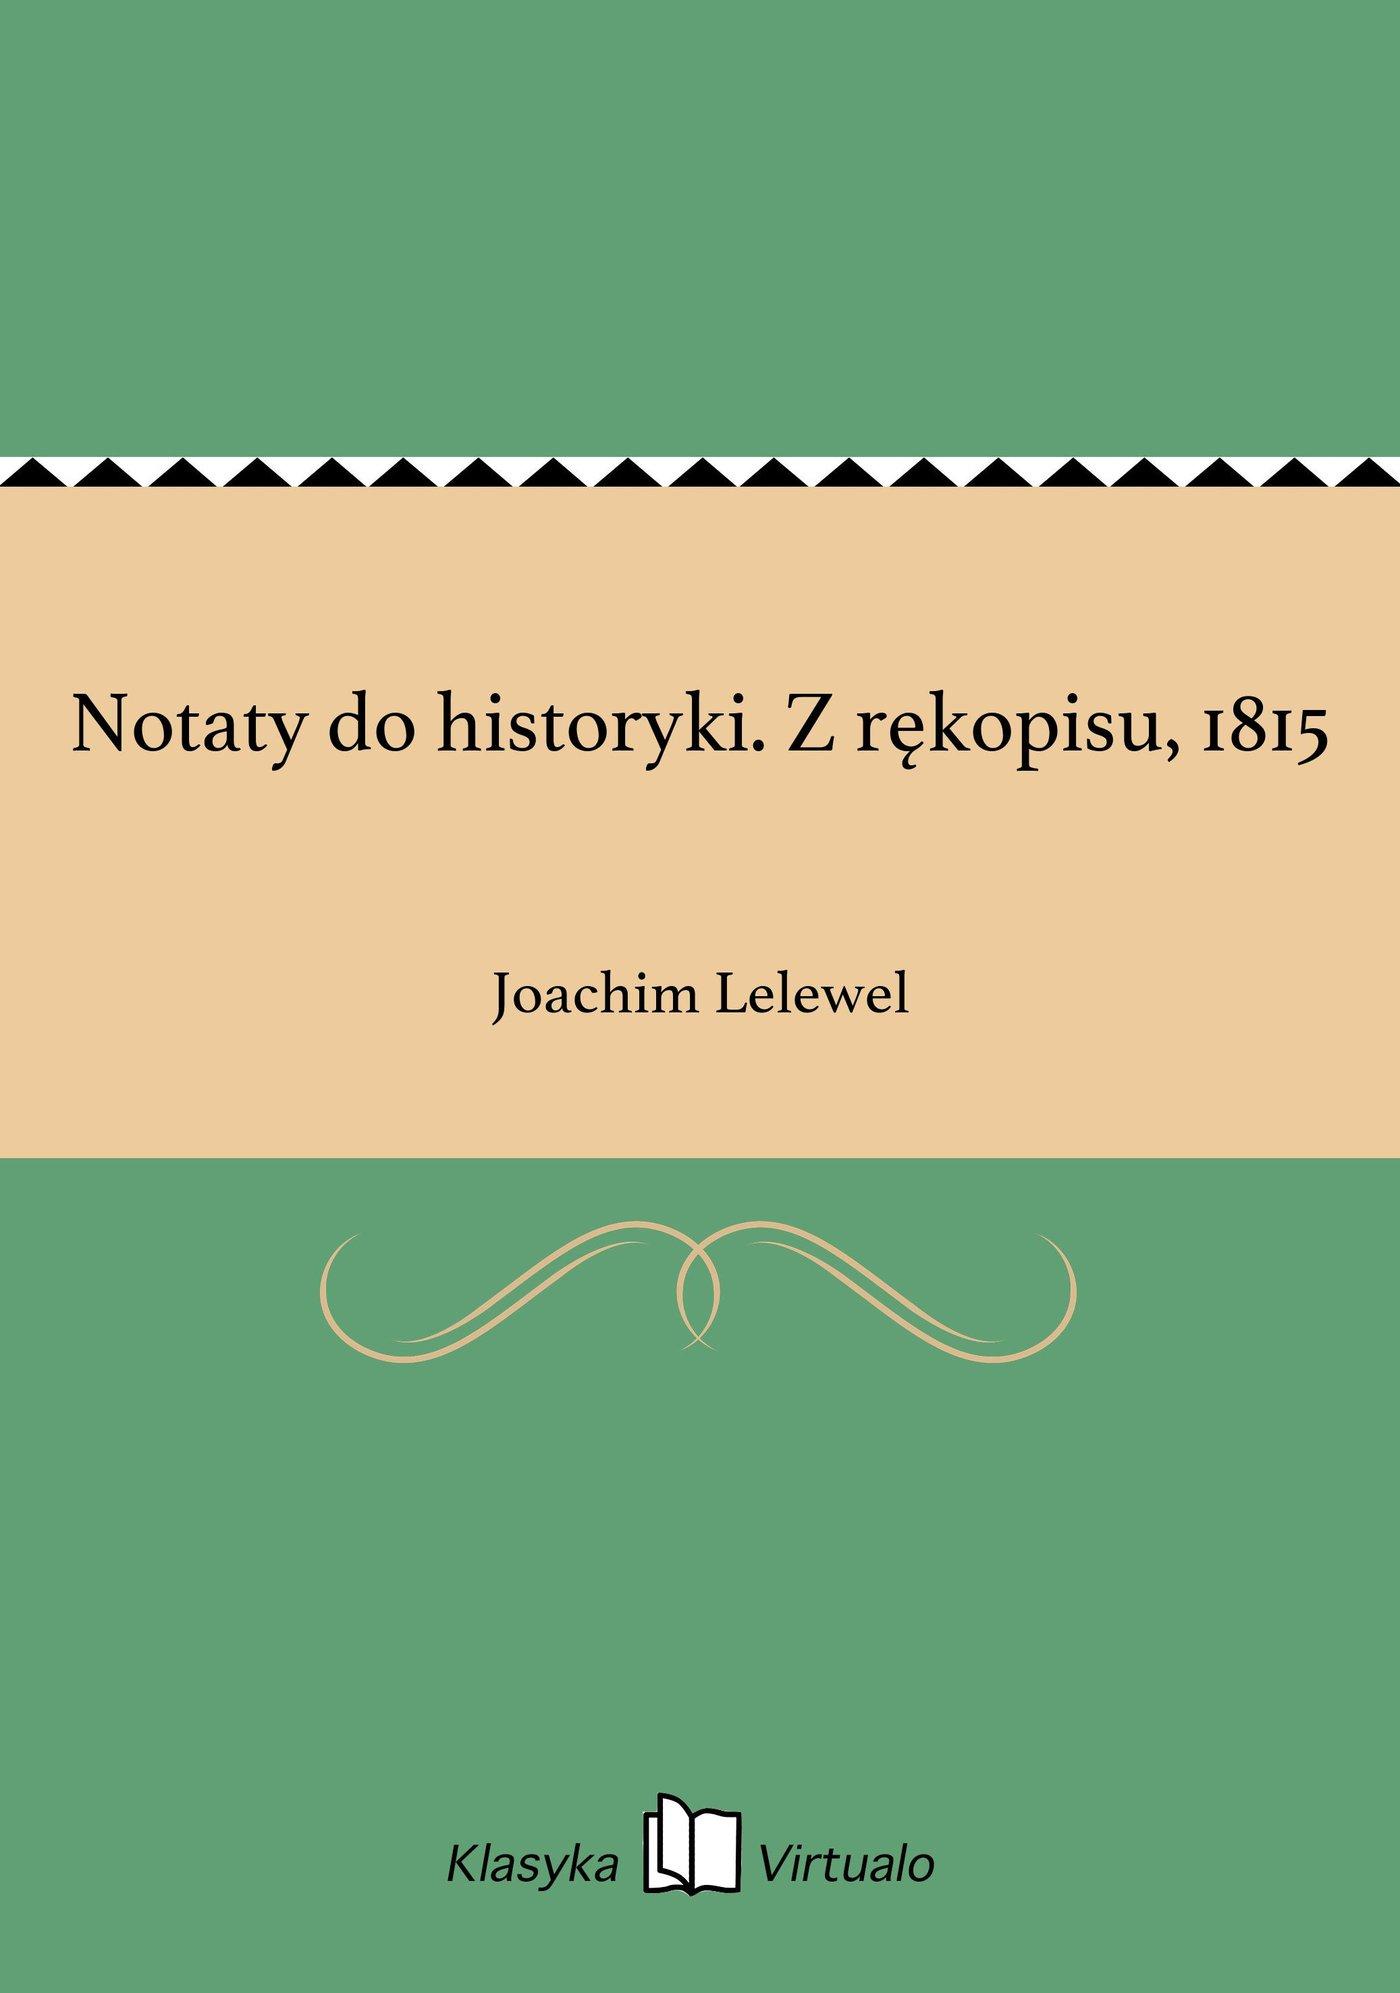 Notaty do historyki. Z rękopisu, 1815 - Ebook (Książka EPUB) do pobrania w formacie EPUB